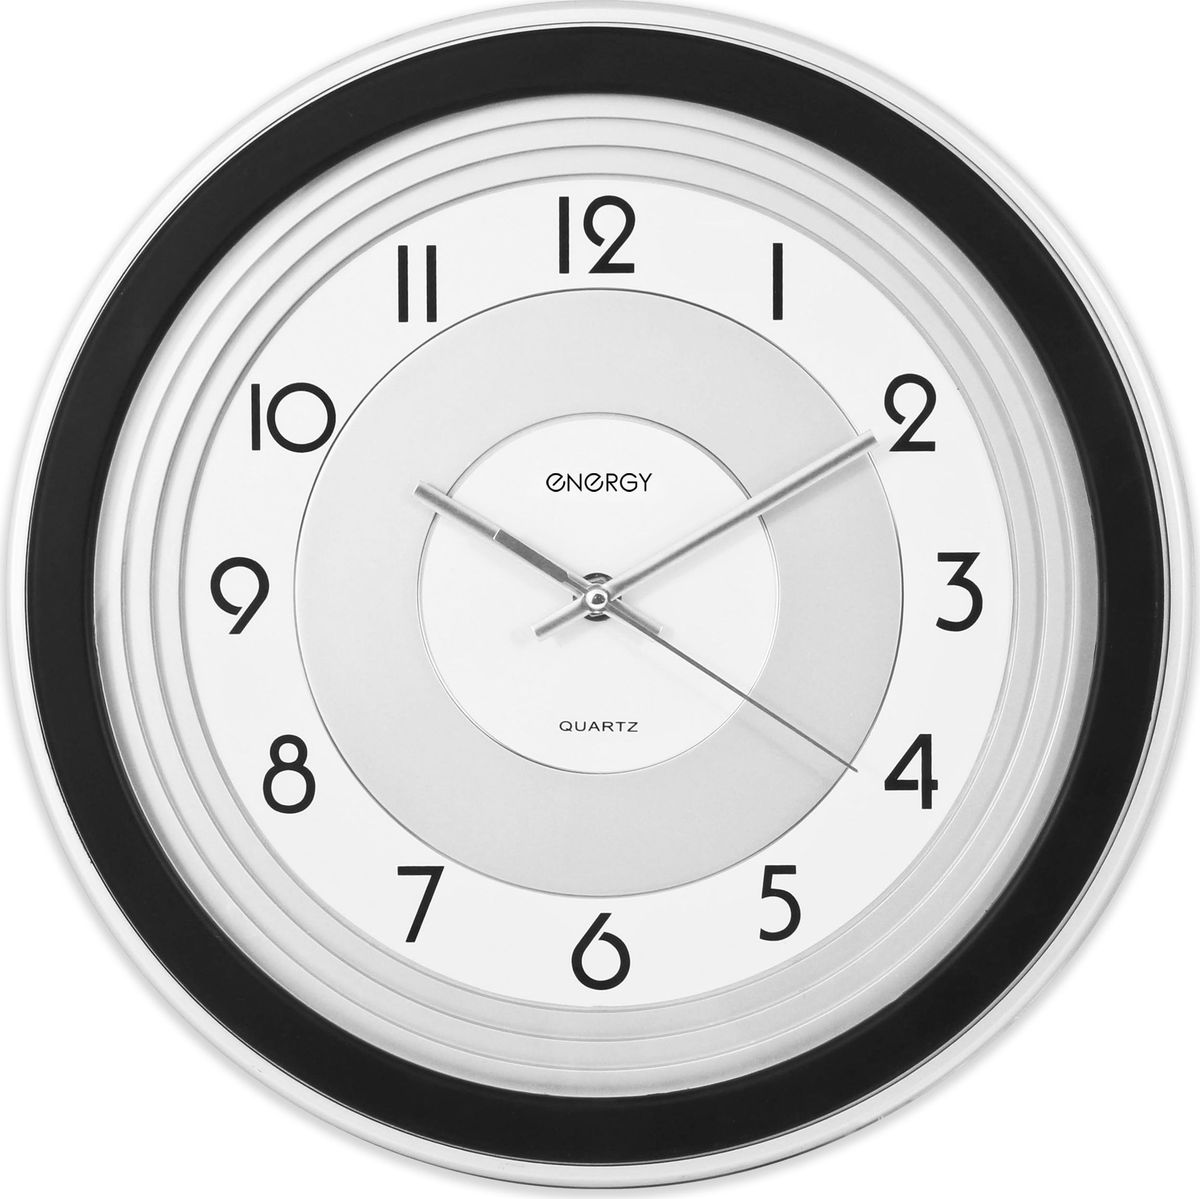 Energy ЕС-10 настенные часыЕС-10Настенные кварцевые часы с плавным ходом Energy ЕС-10 имеют оригинальный яркий дизайн и поэтому подойдутдля вашего дома или офиса, декорированного в подобном стиле. Крупные цифры черного цвета отличноразличимы даже в условиях плохого освещения. Питание осуществляется от 1 батарейки типа АА (в комплект невходит).Размер 32,8 см х 4,3 см